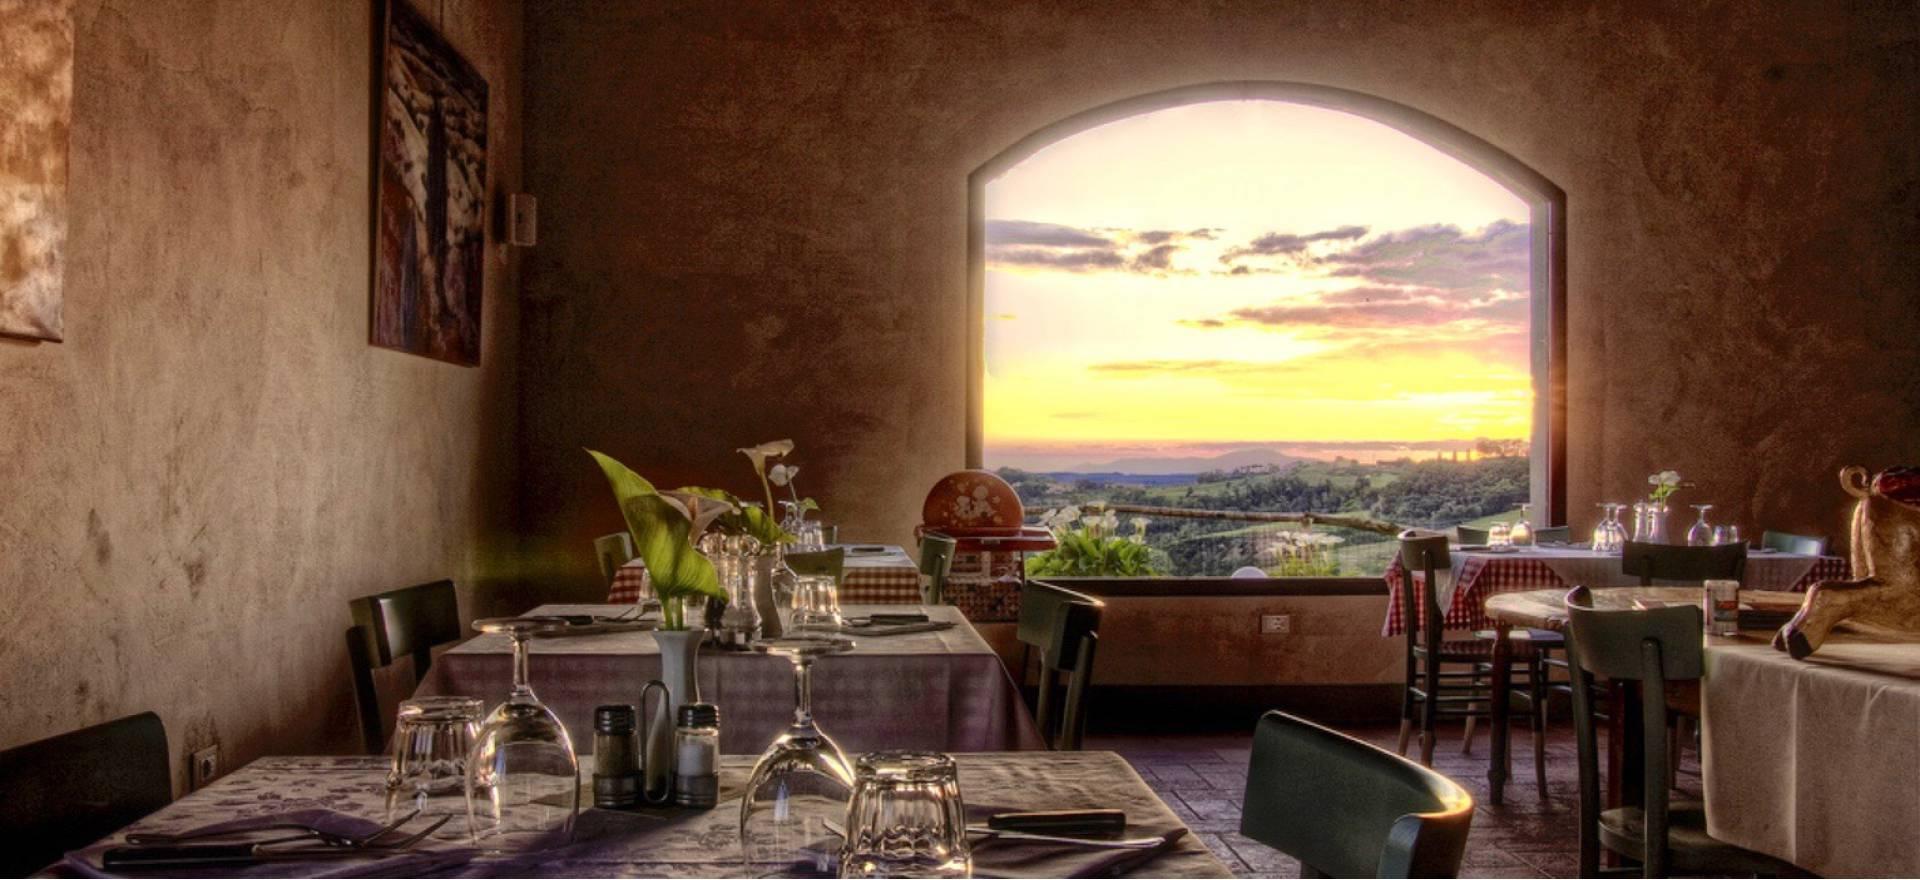 Agriturismo Toscane Kindvriendelijke agriturismo in Toscane met restaurant